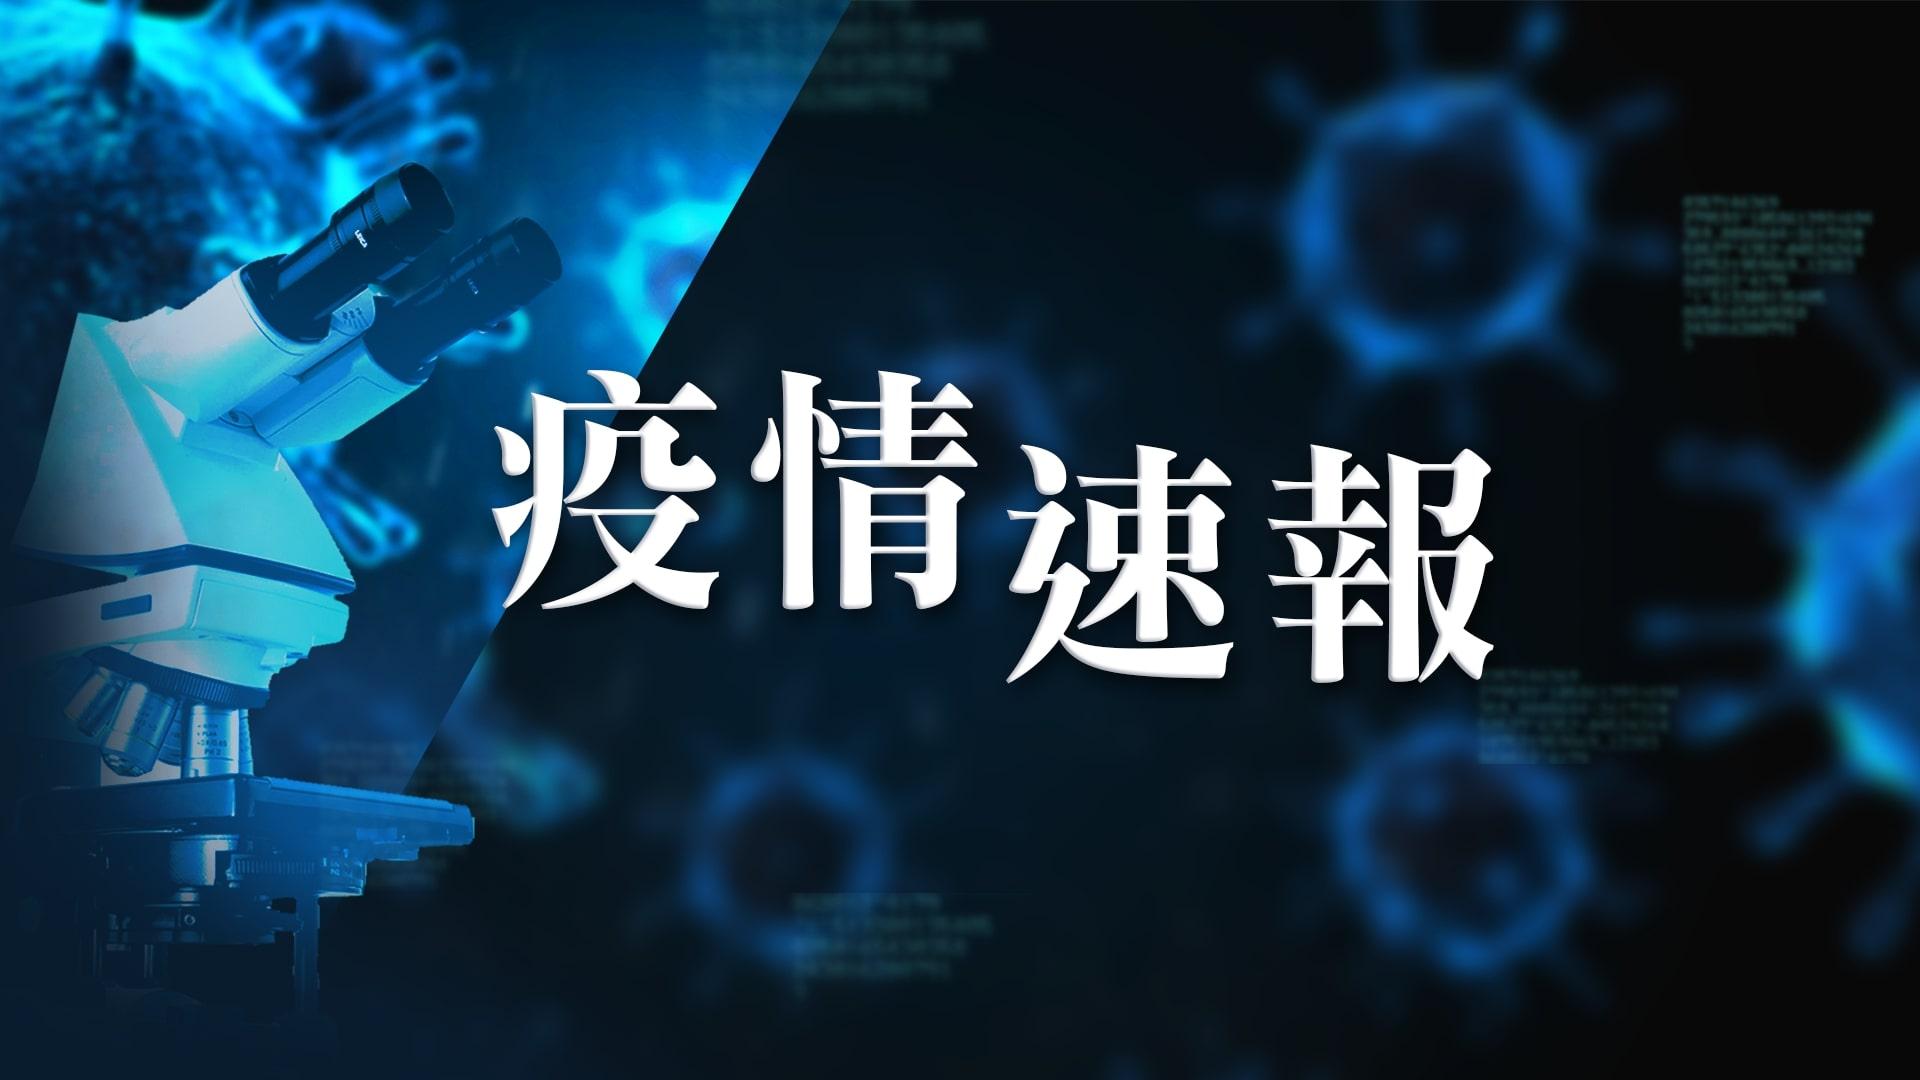 【2月9日疫情速報】(23:50)